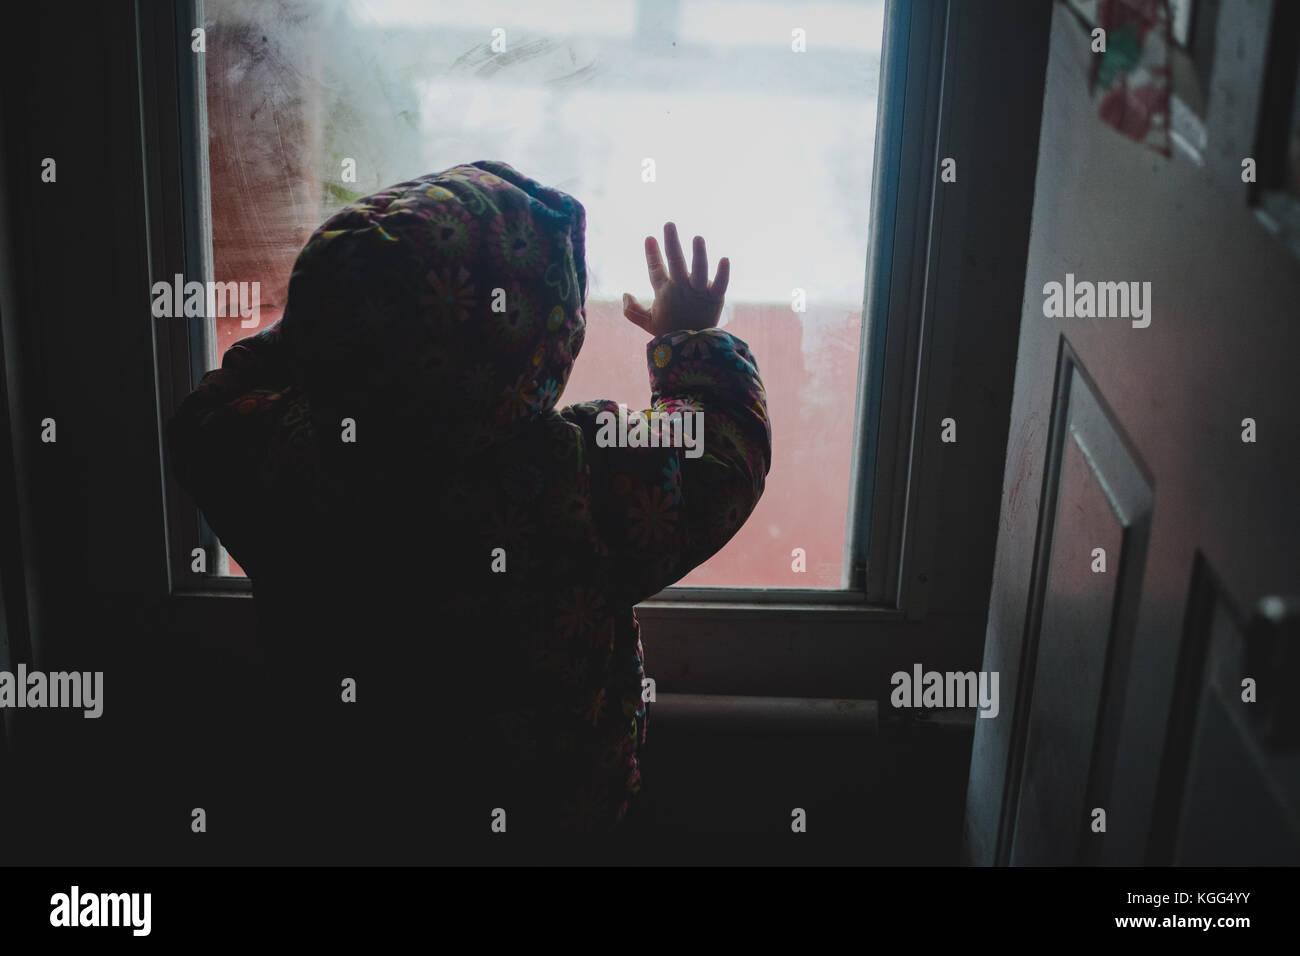 Ein kleines Mädchen sieht aus dem Fenster bei kaltem Wetter Stockbild